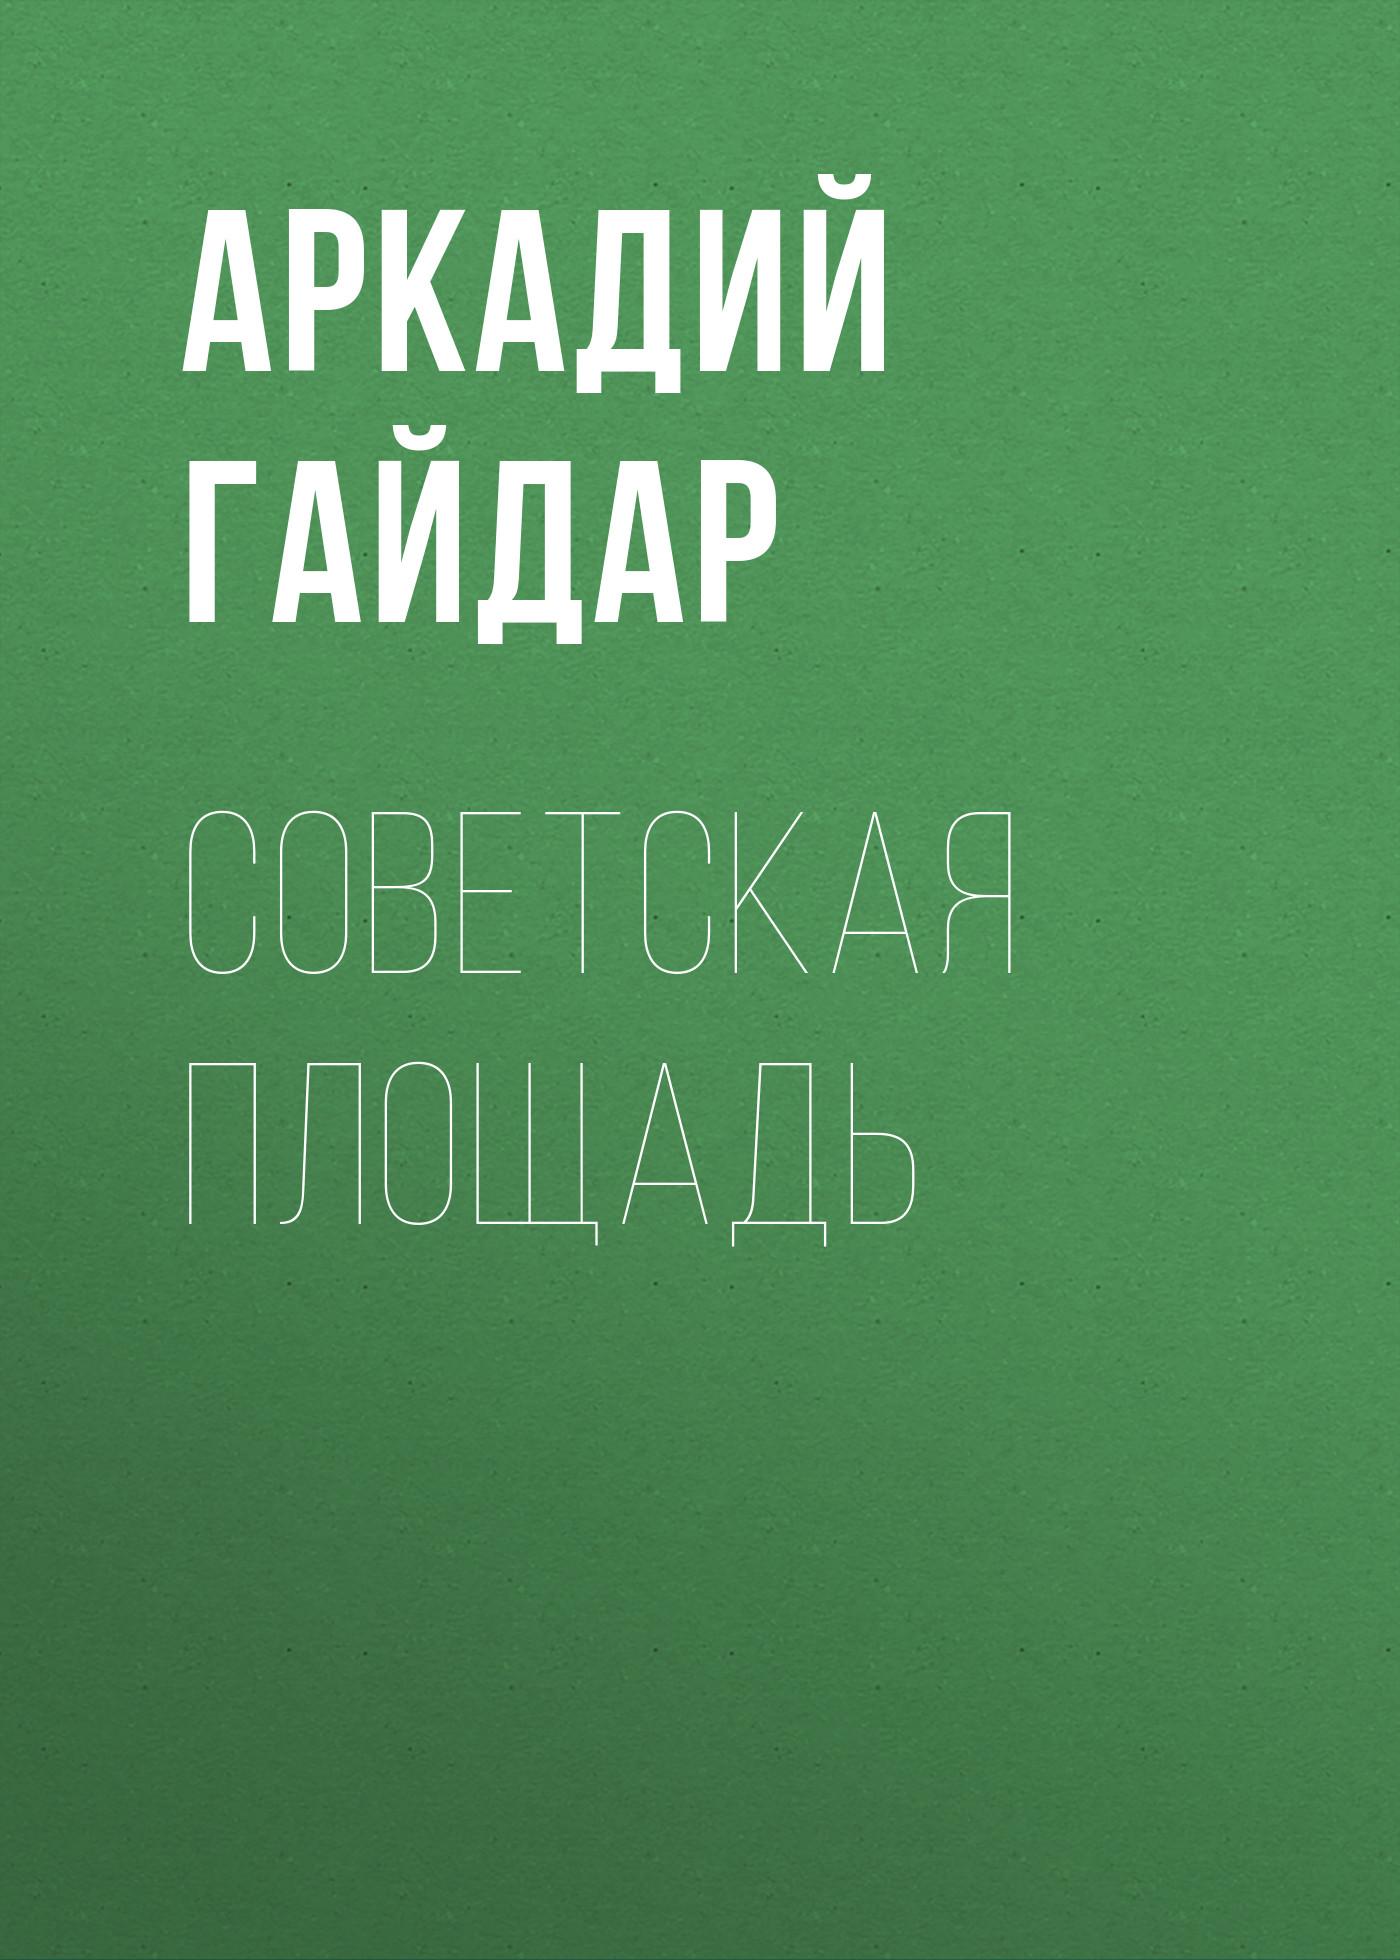 Аркадий Гайдар Советская площадь гайдар аркадий петрович тимур и его команда